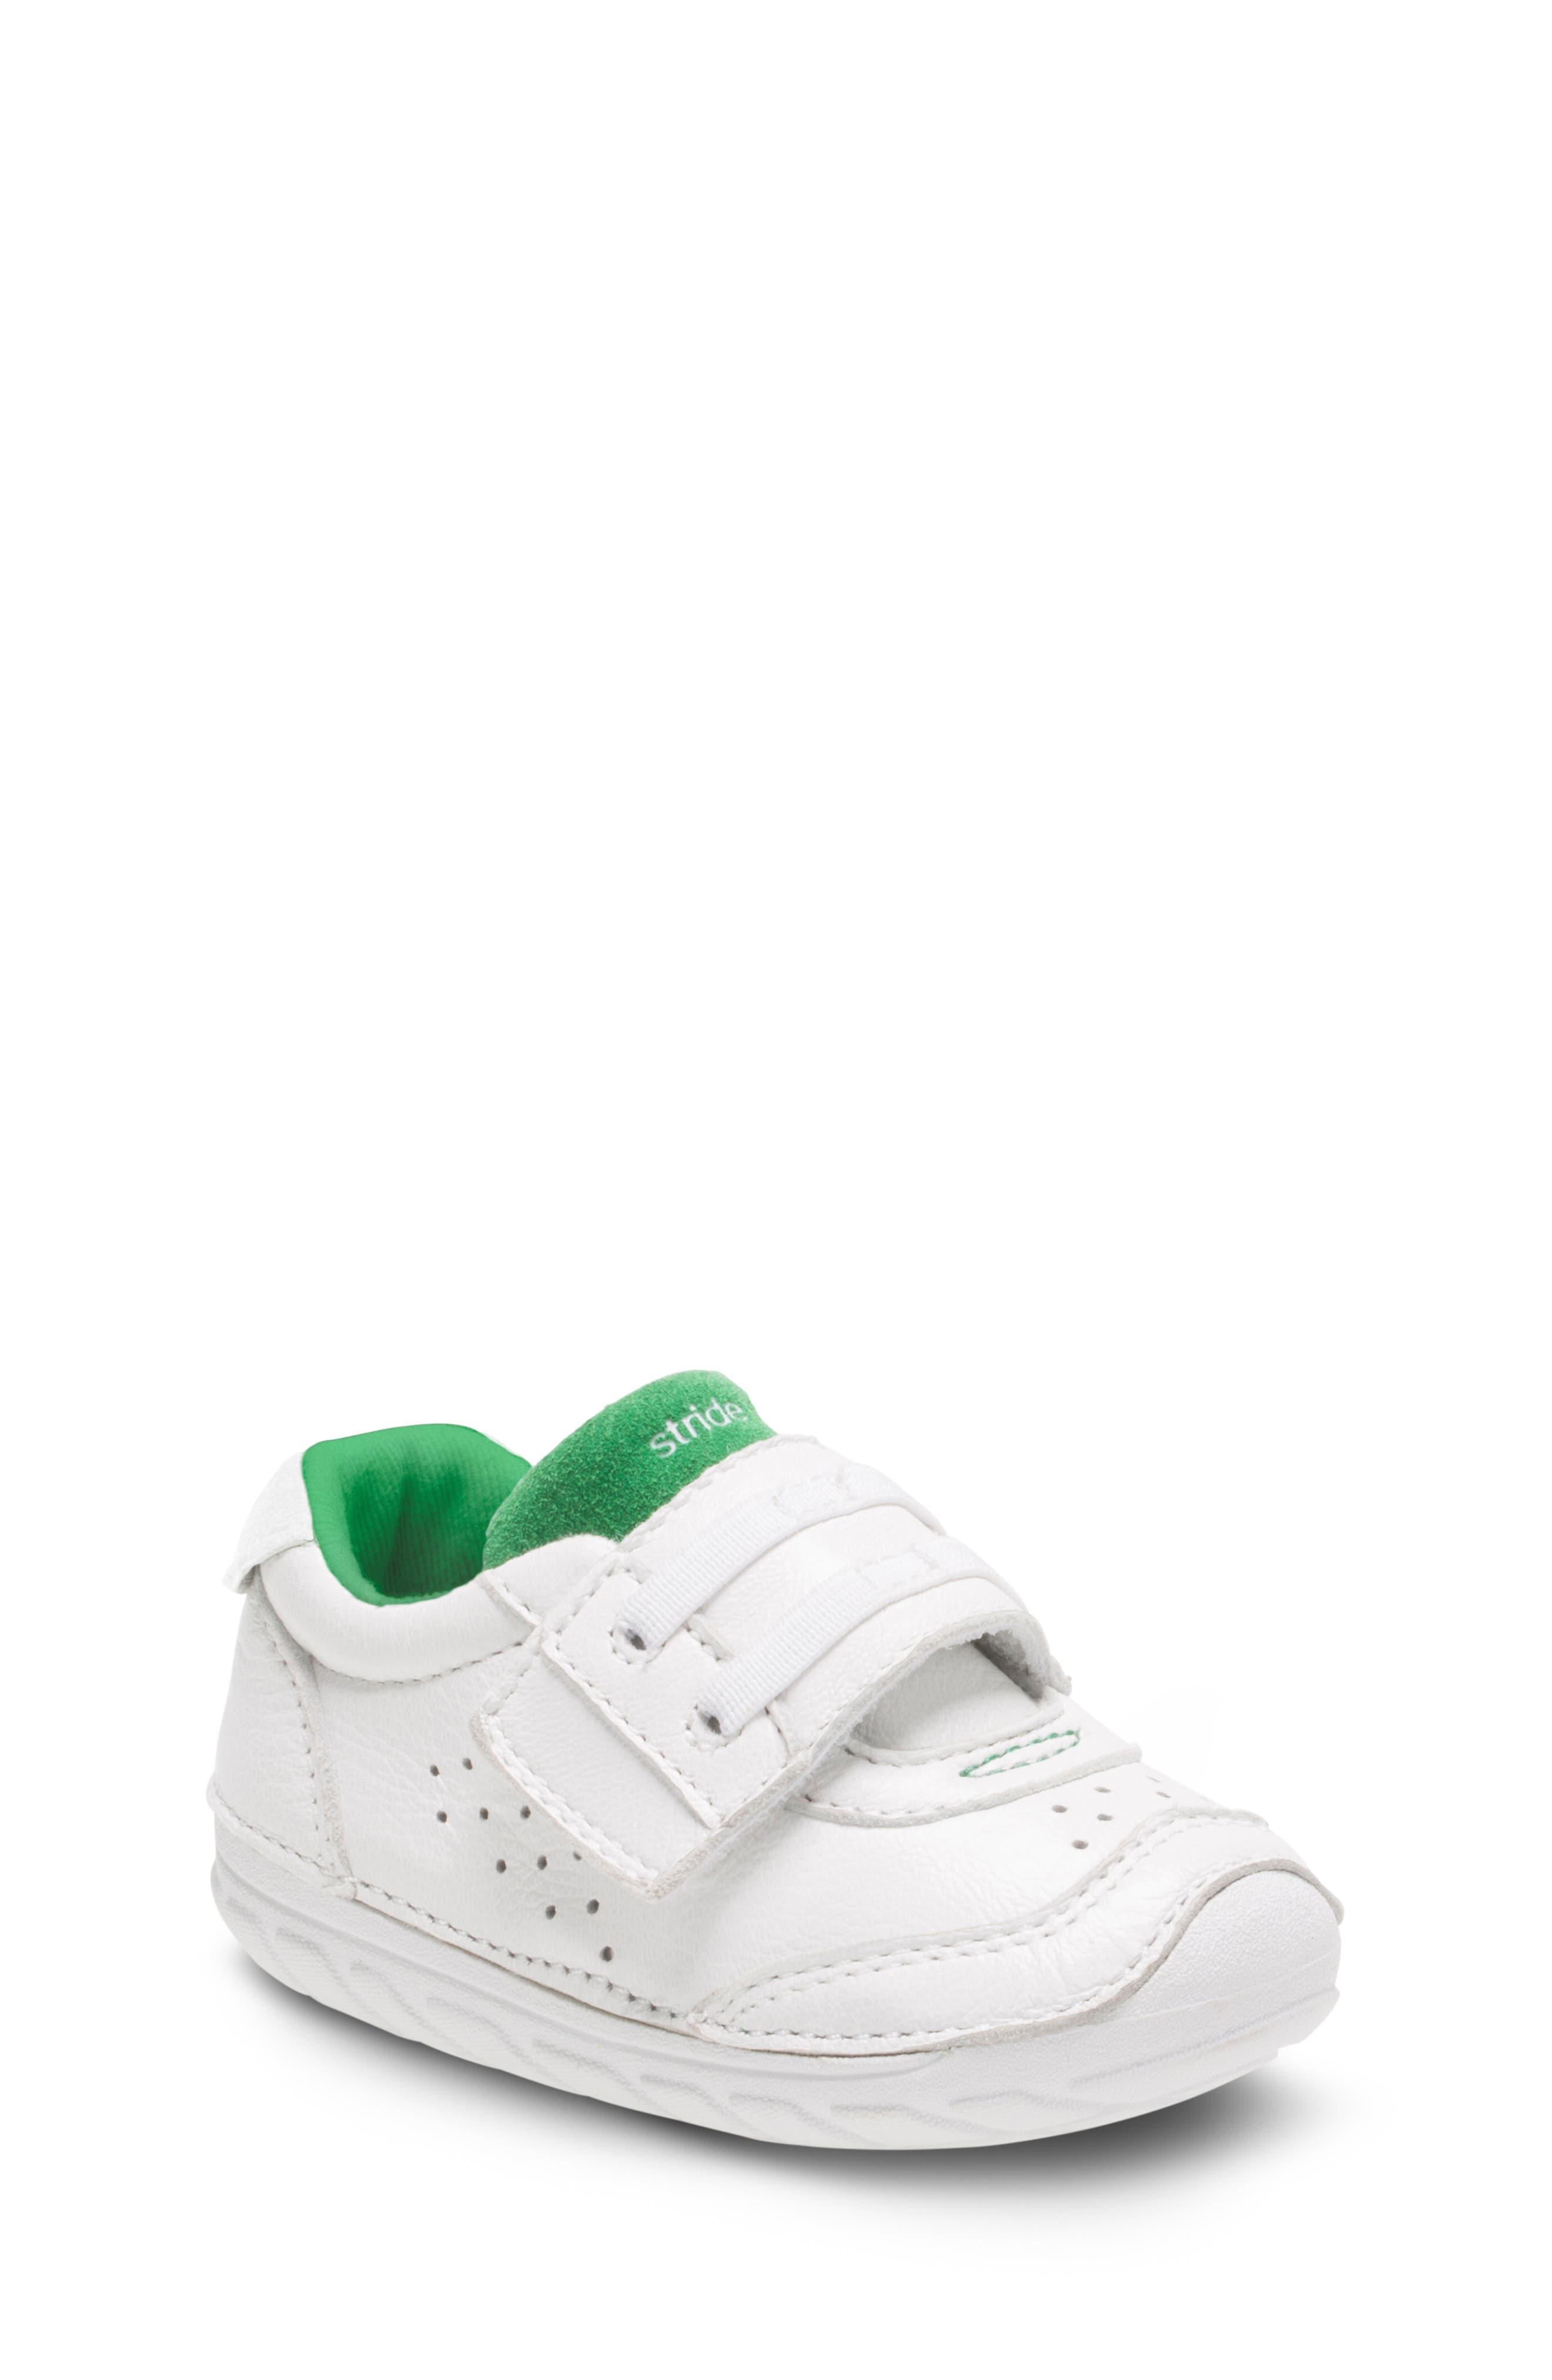 Soft Motion Wyatt Sneaker,                         Main,                         color, WHITE